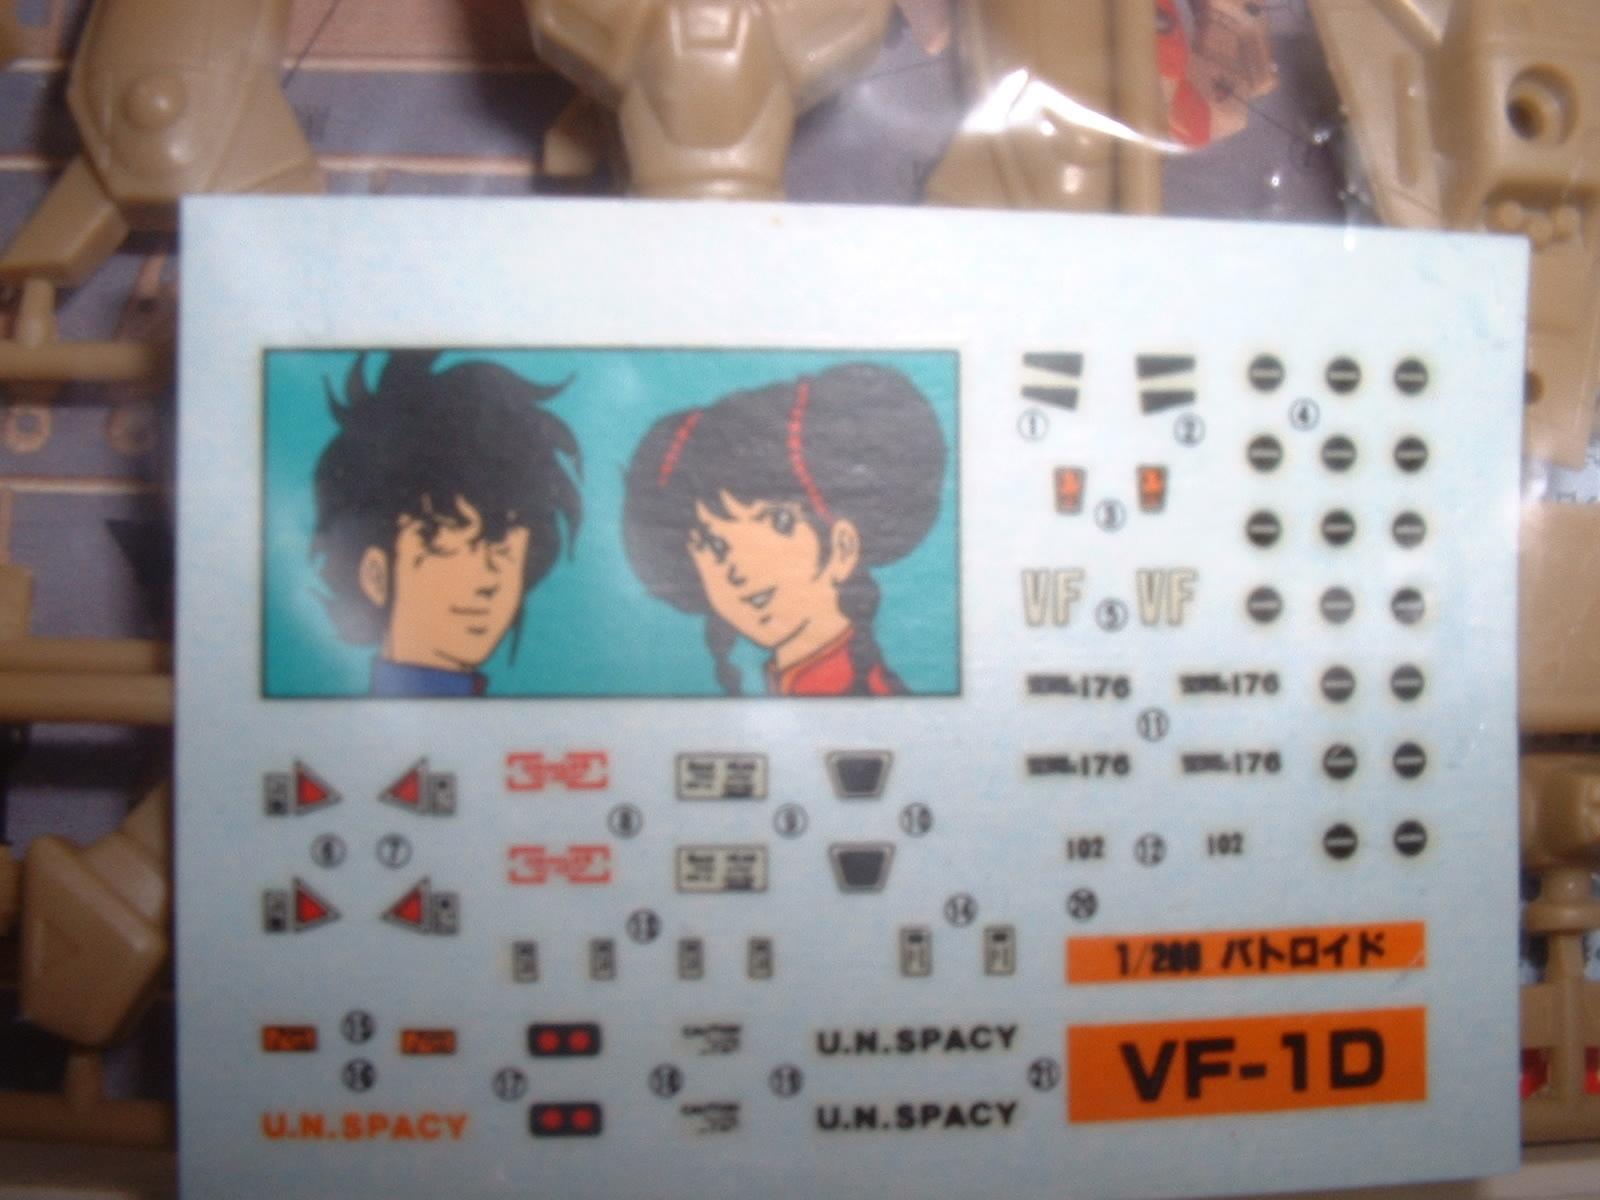 ニチモ(日本模型) ピタパン「VF-1D」バトロイド 付属デカール Doburoku-TAO.JPG